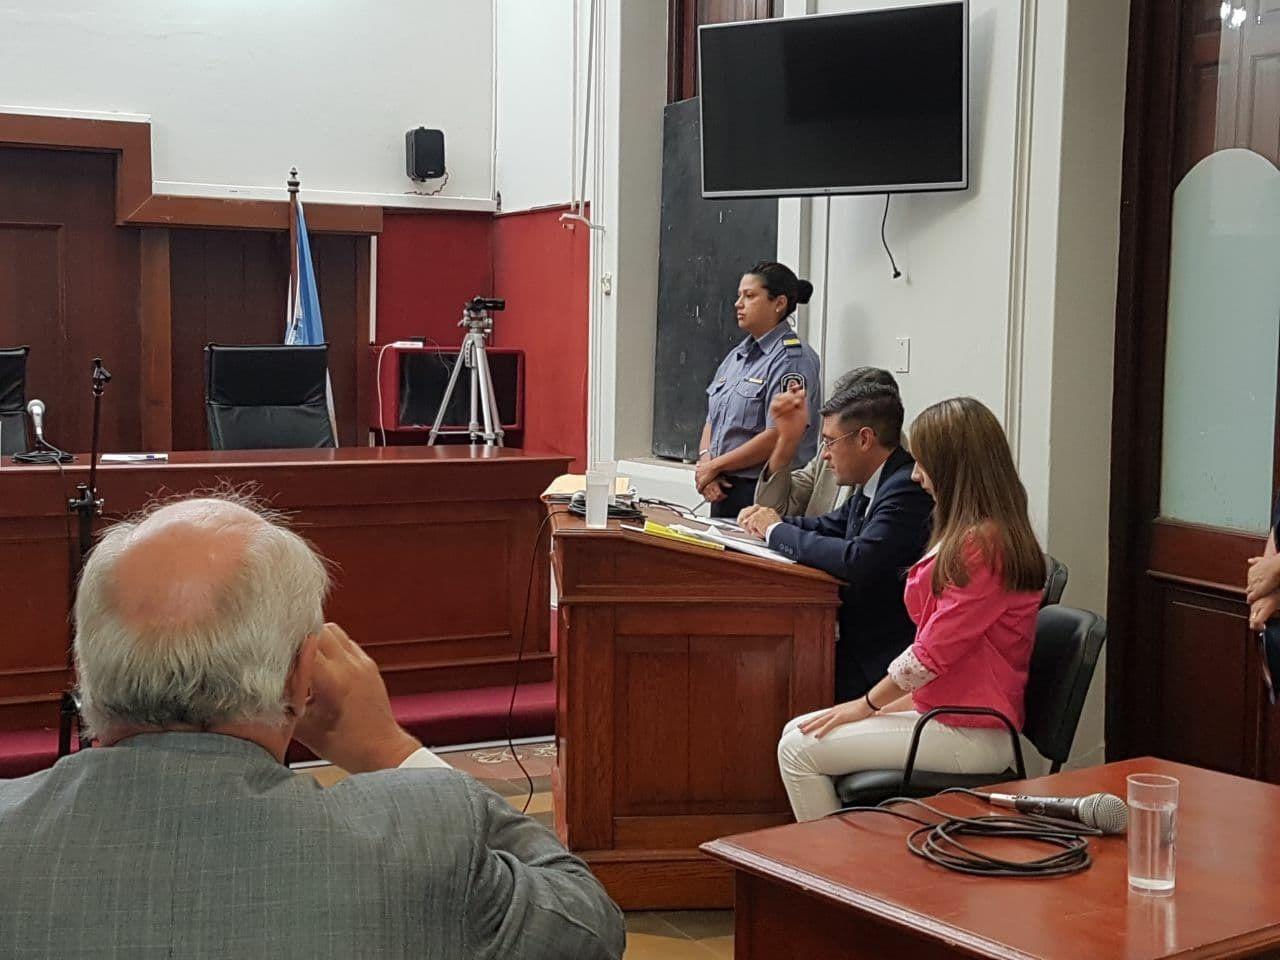 El planteo de Nahir a la jueza: No entiendo por qué no se me da la prisión domiciliaria